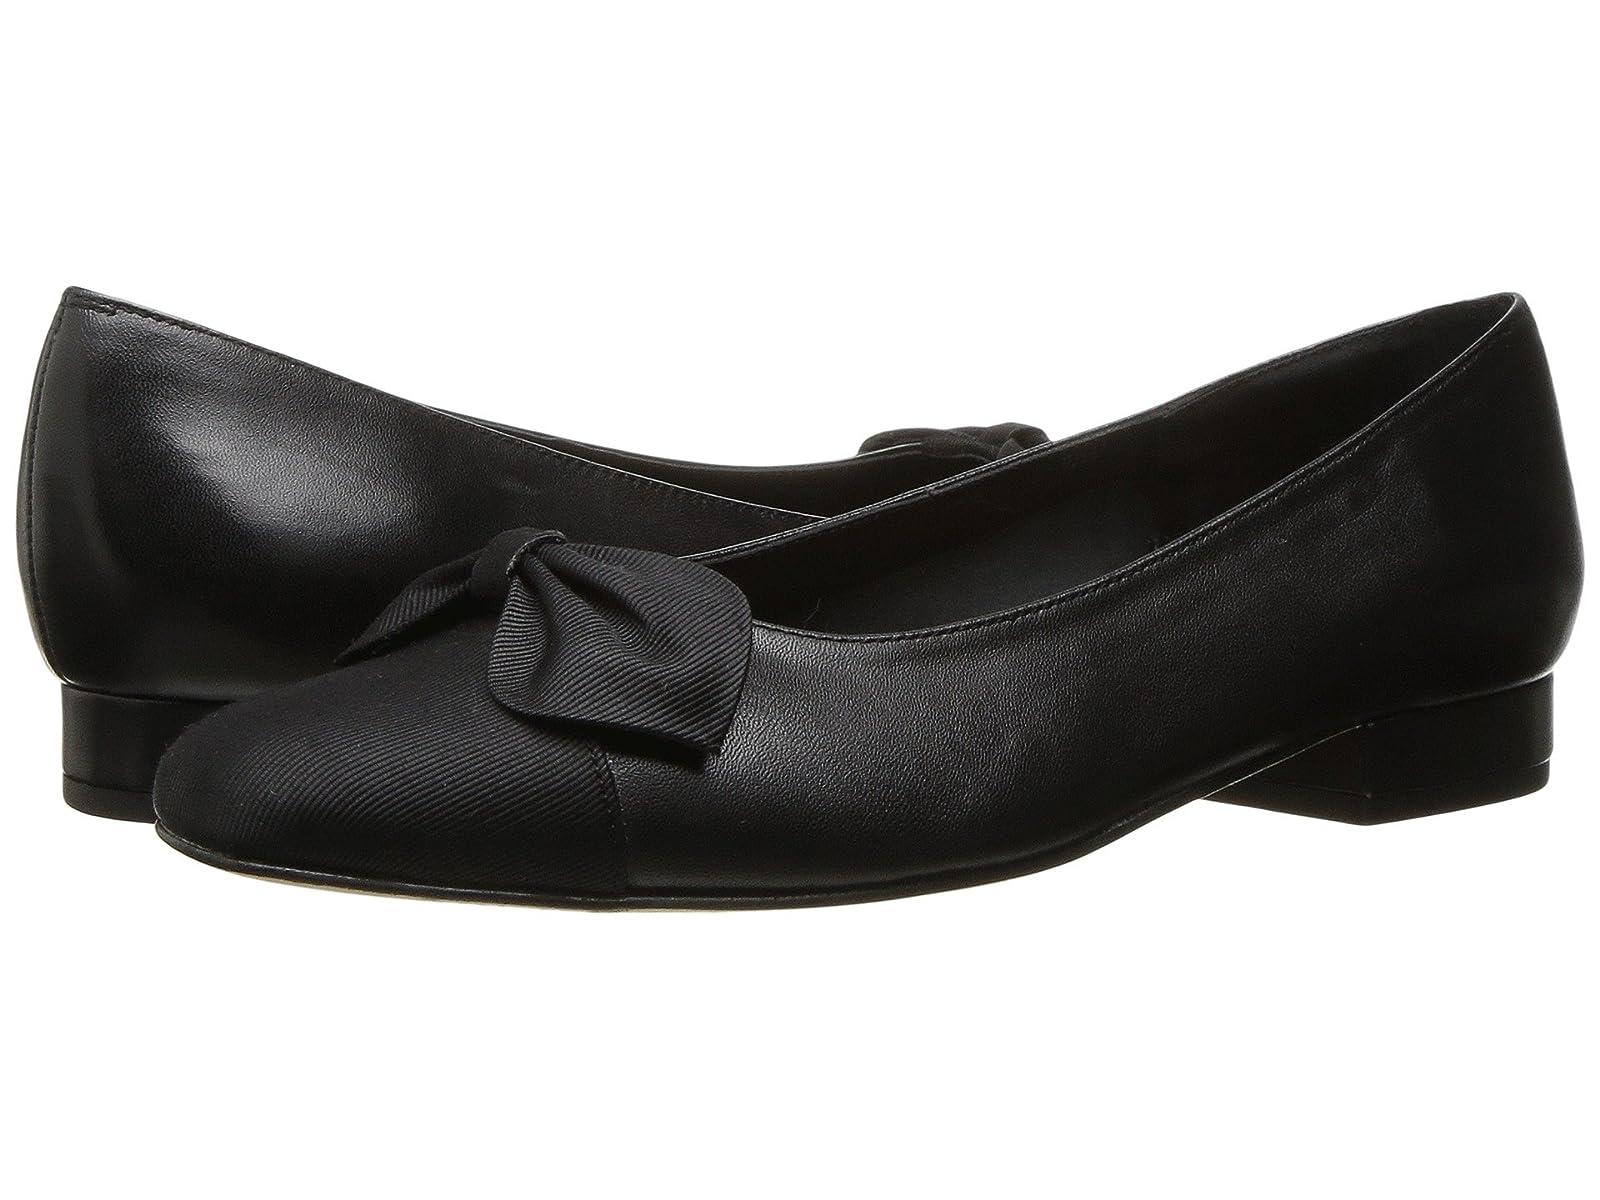 Vaneli FavorAtmospheric grades have affordable shoes